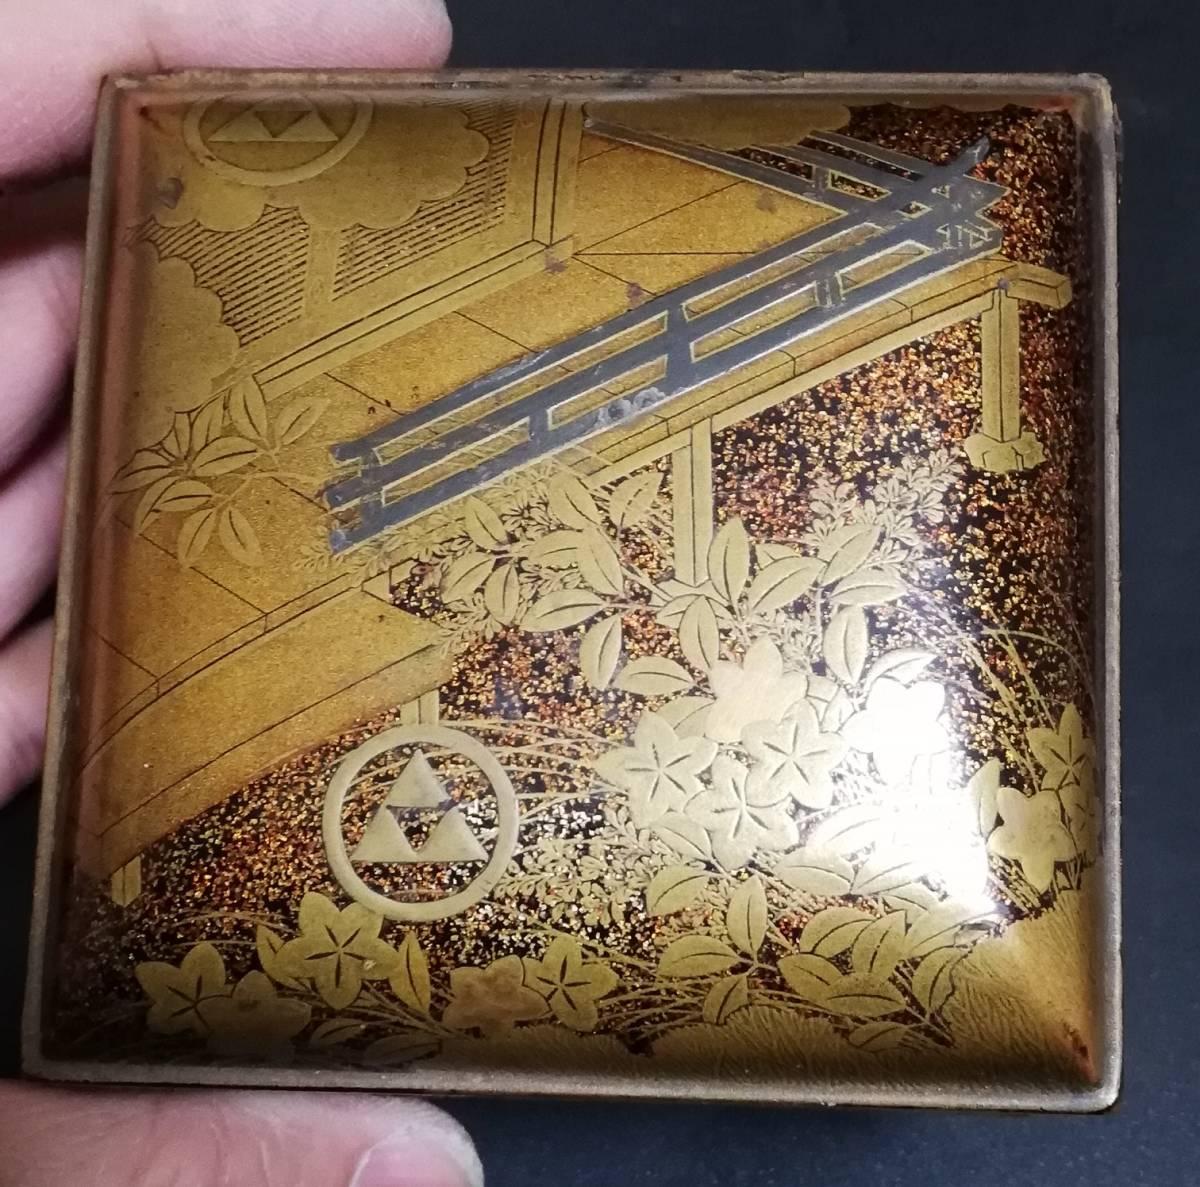 時代漆器 本金蒔絵小箱 鎌倉北条氏 丸に三つ鱗紋 家紋 煎茶道具 古美術品 香道具_画像9